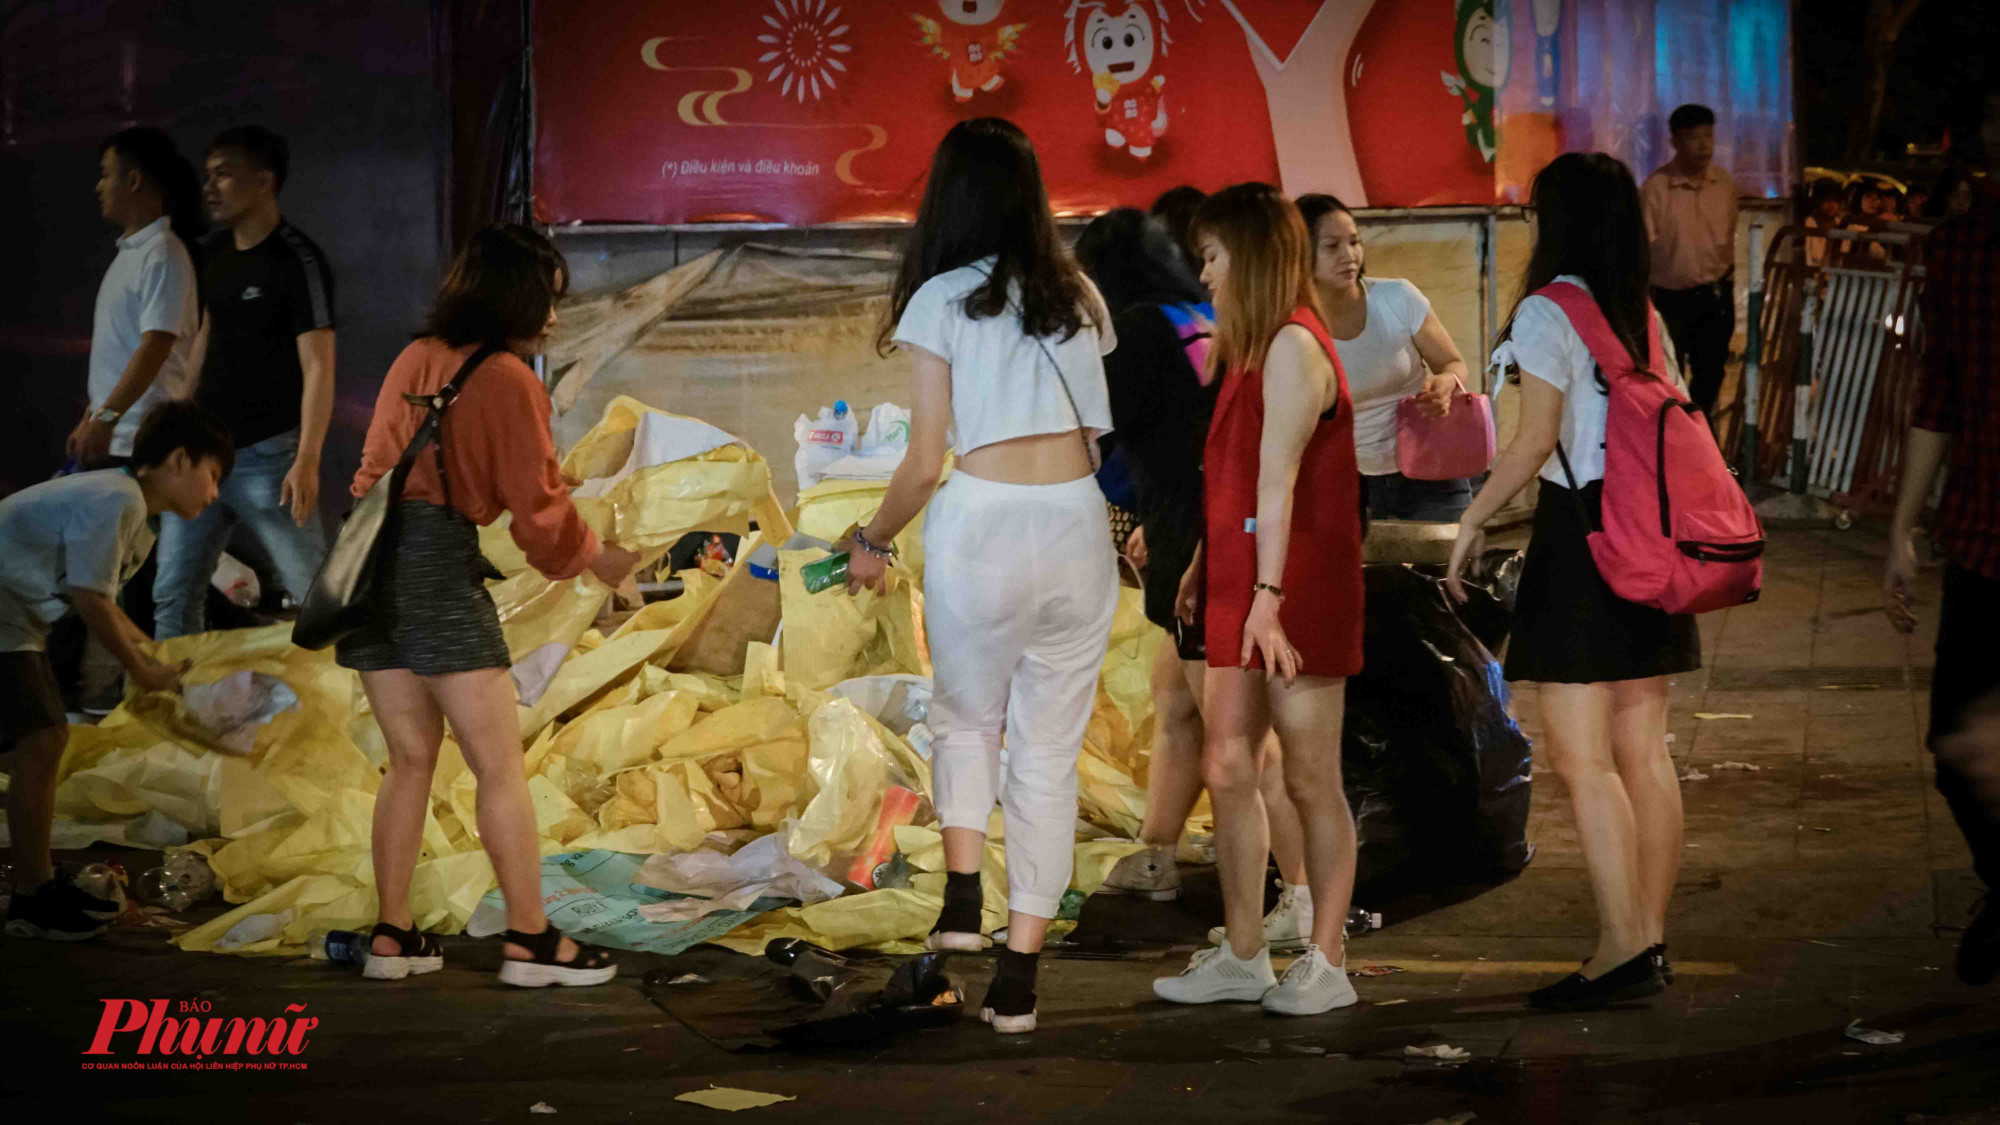 Nhóm bạn trẻ xusnh xính váy áo cũng nhanh chóng hỗ trợ nhặt rác